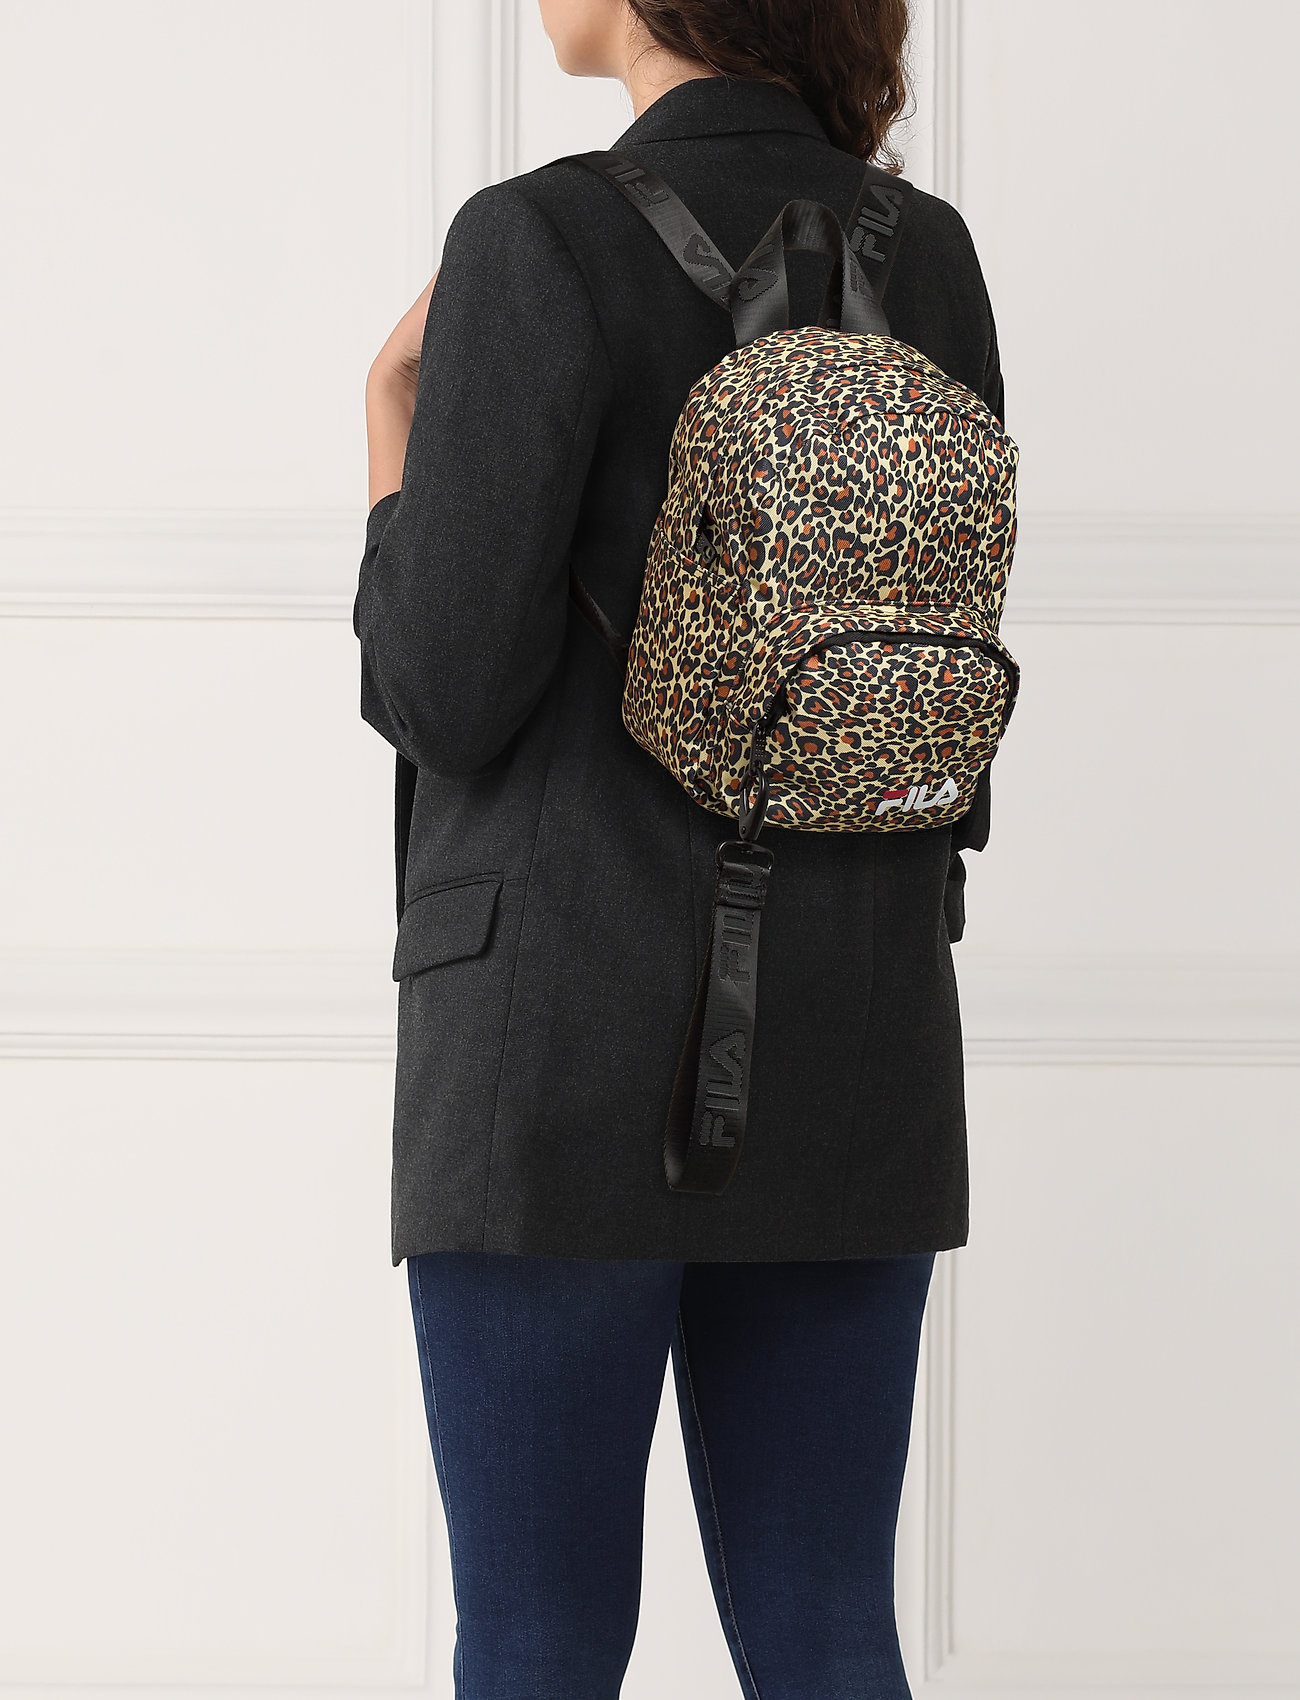 FILA VARBERG AOP mini strap backpack - ALLOVER LEO